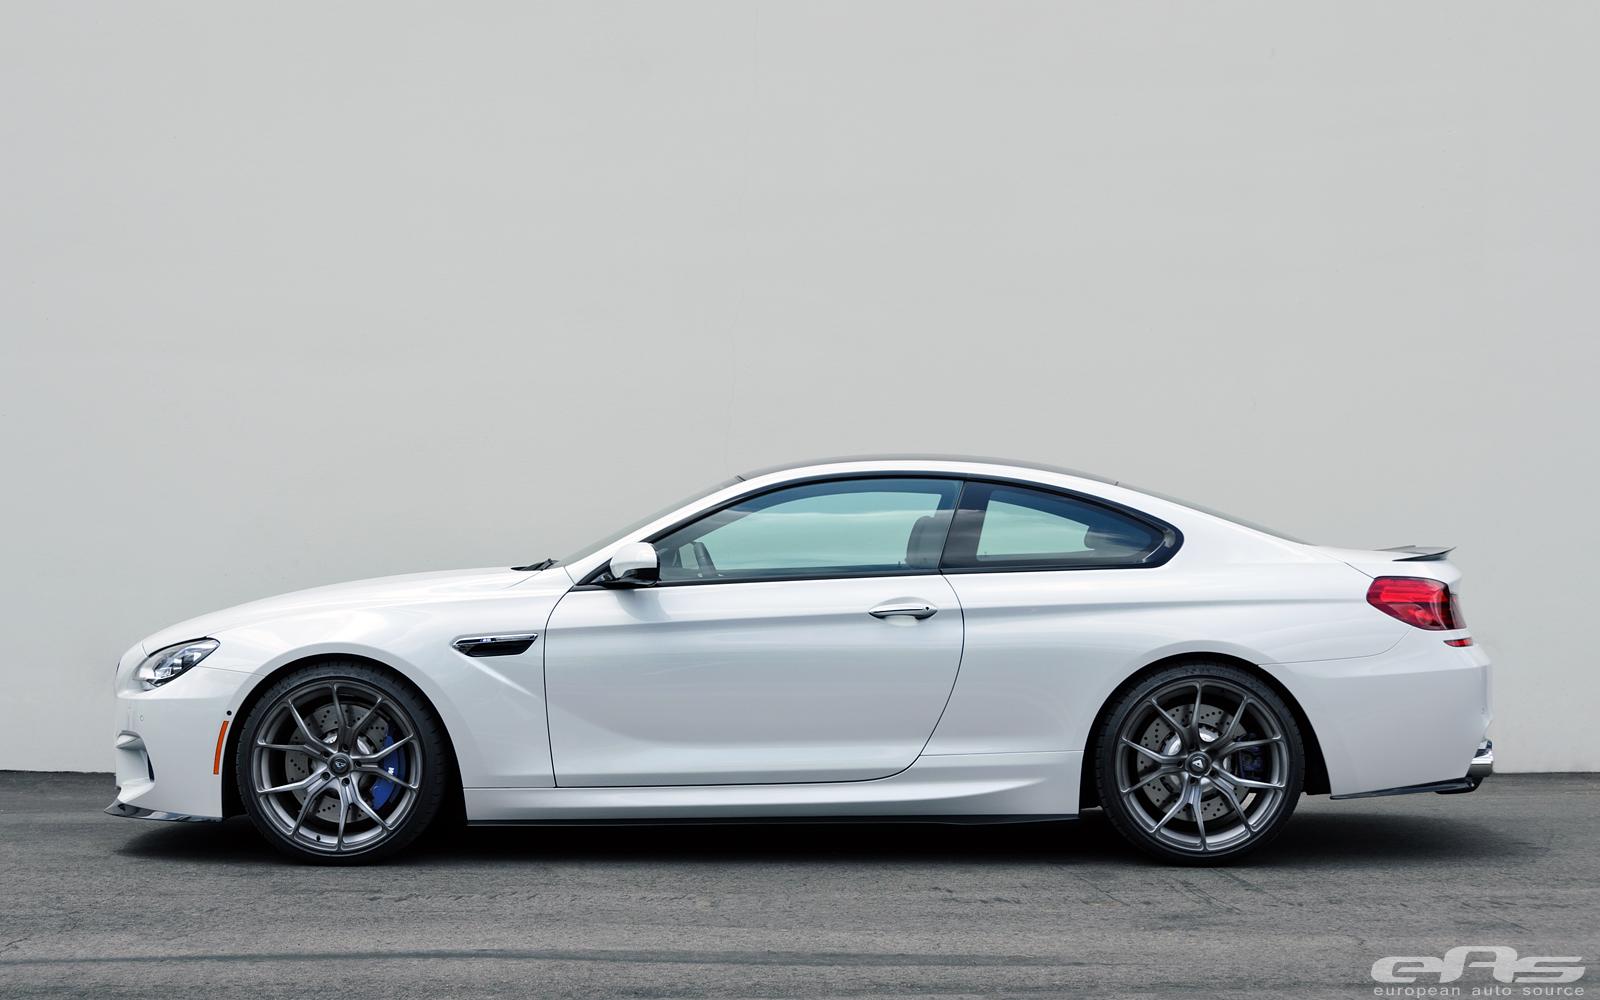 Vorsteiner Bmw F13 M6 Is Alpine White At Eas Autoevolution